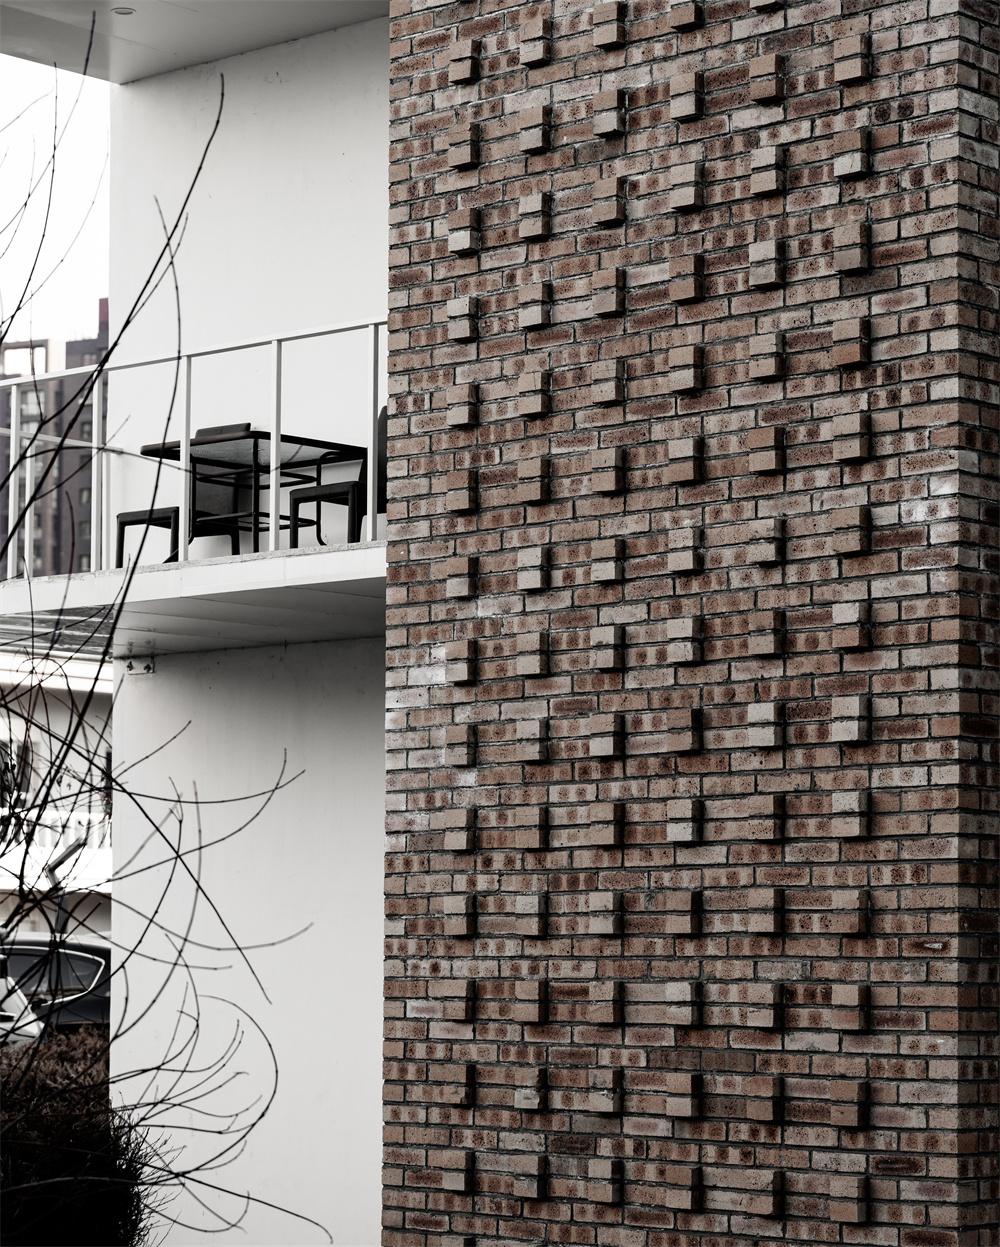 伊振華作品 | 重啟與再生,構造設計理想地